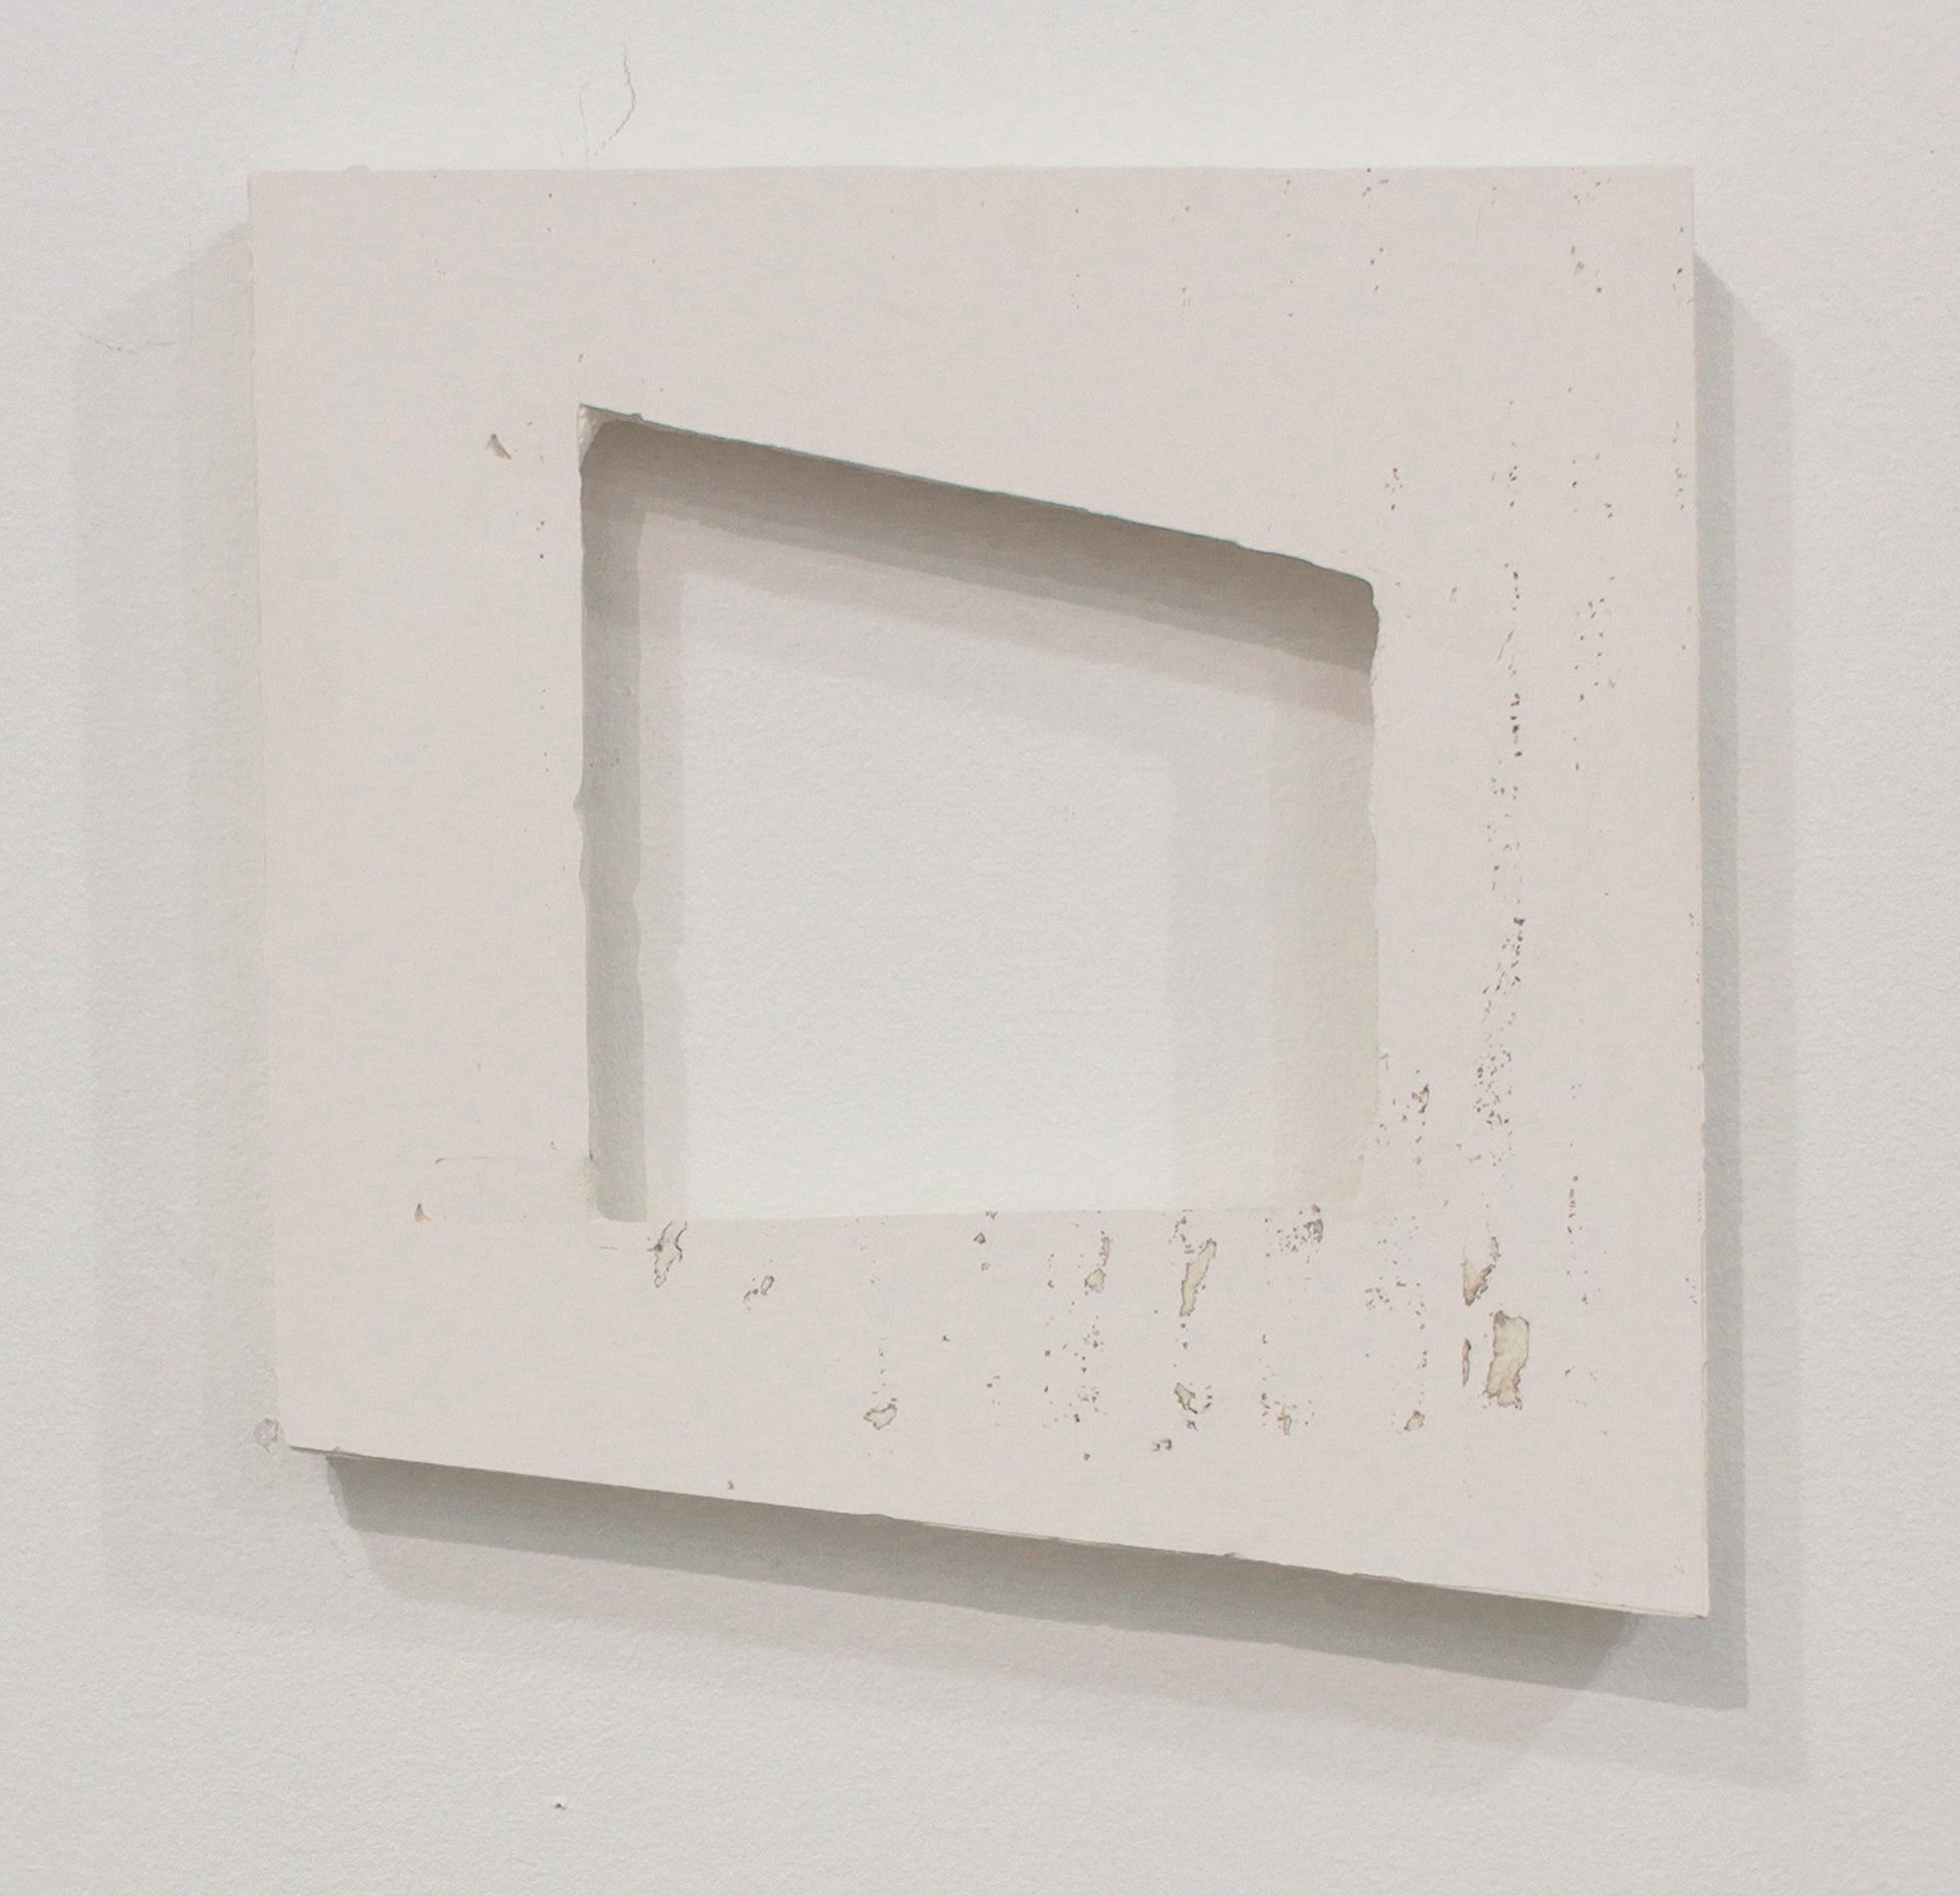 Lost Fear of Symmetry, 2013